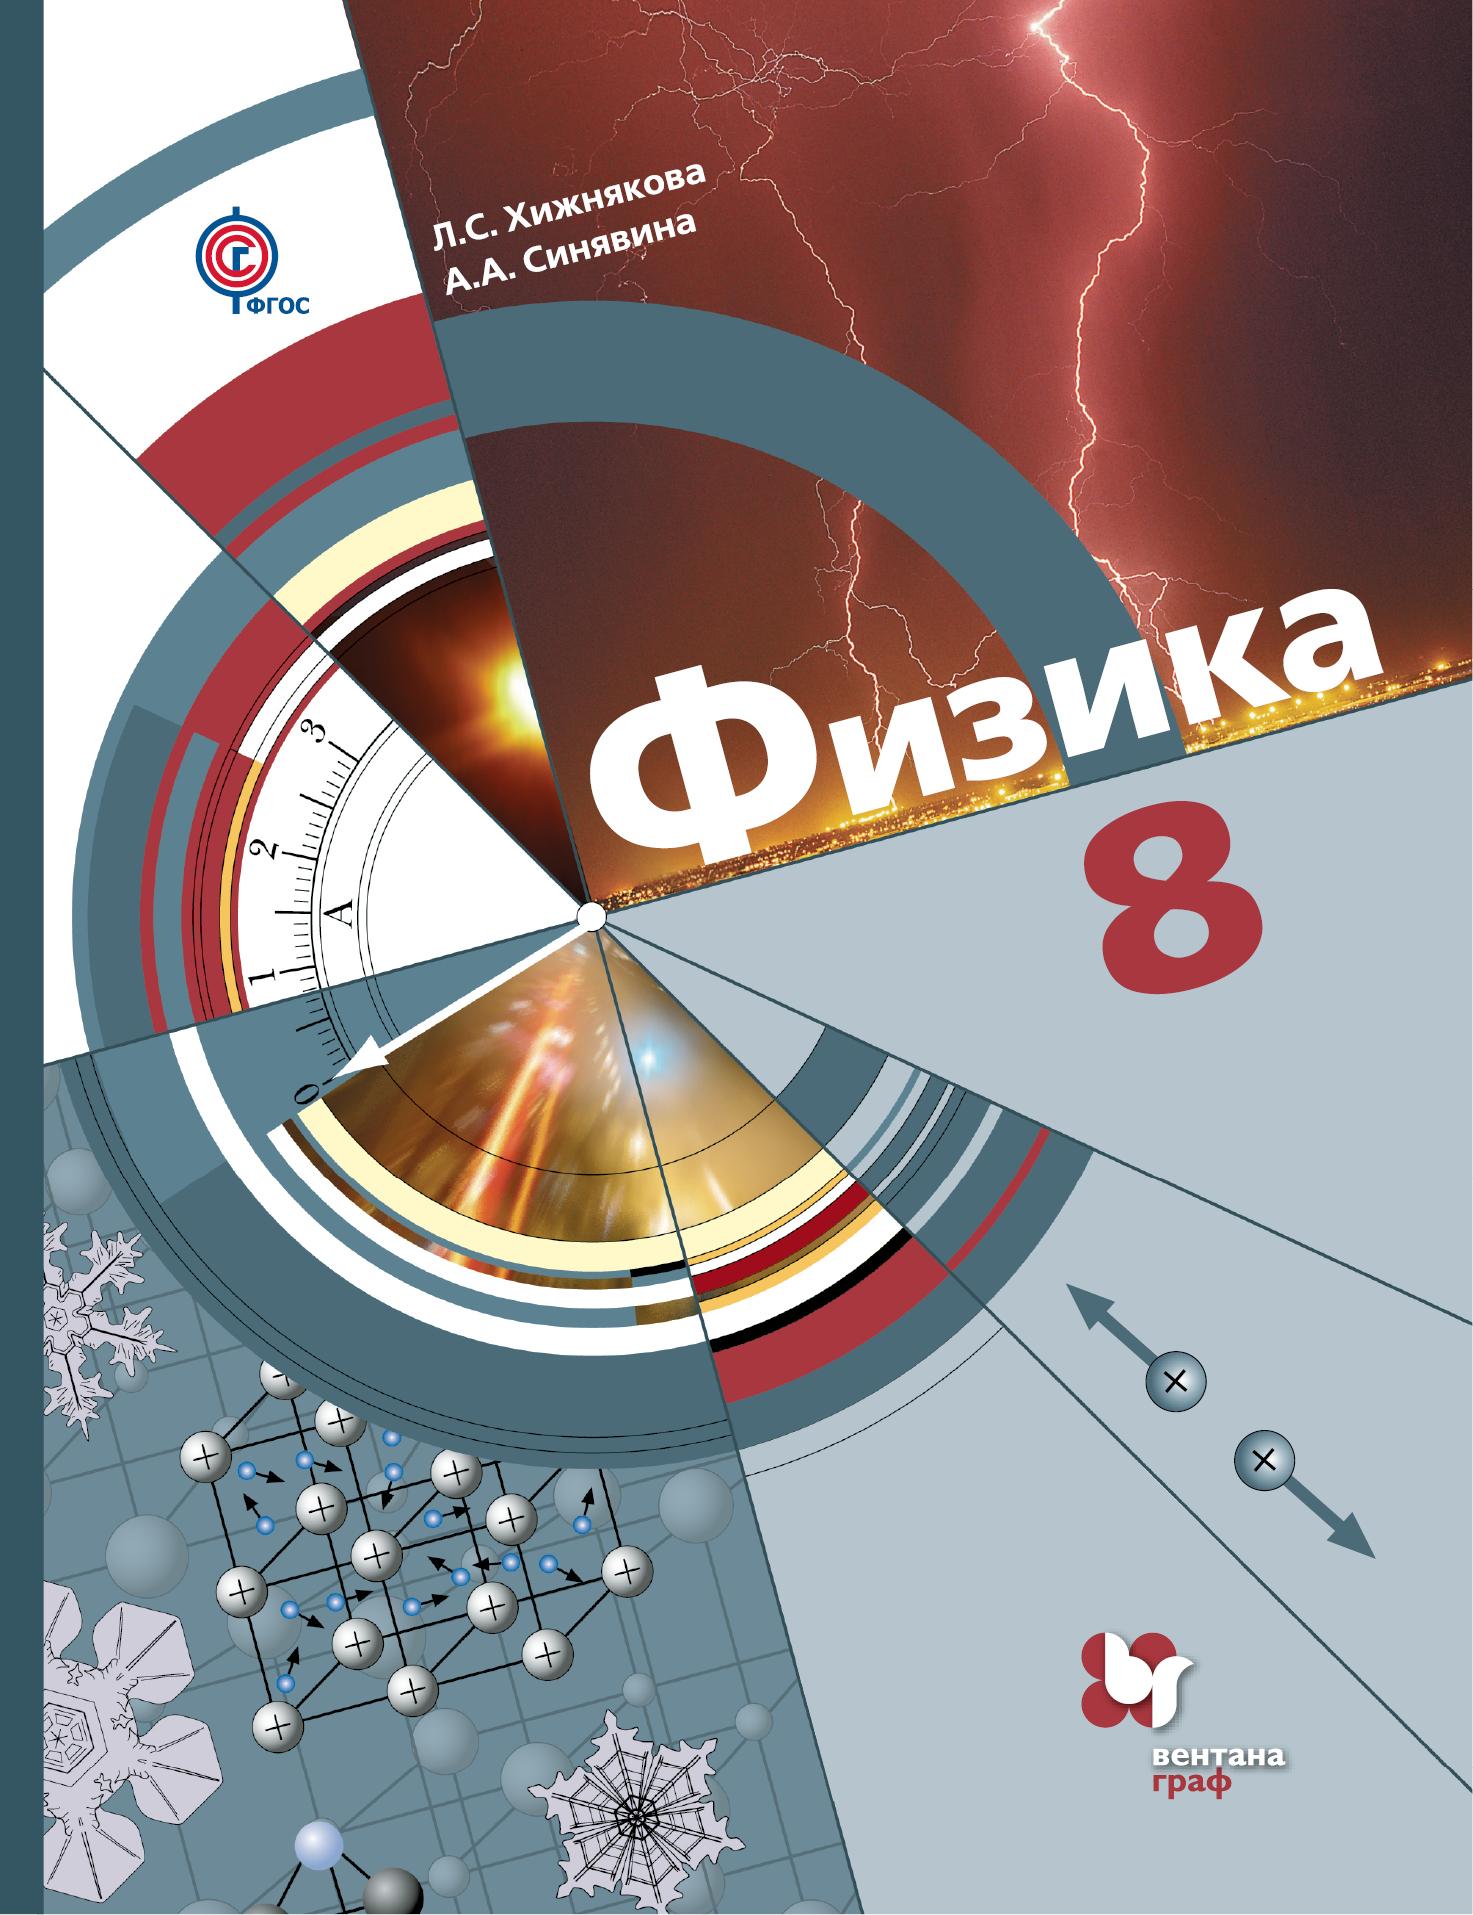 Л. С. Хижнякова, А. А. Синявина Физика. 8класс. Учебник